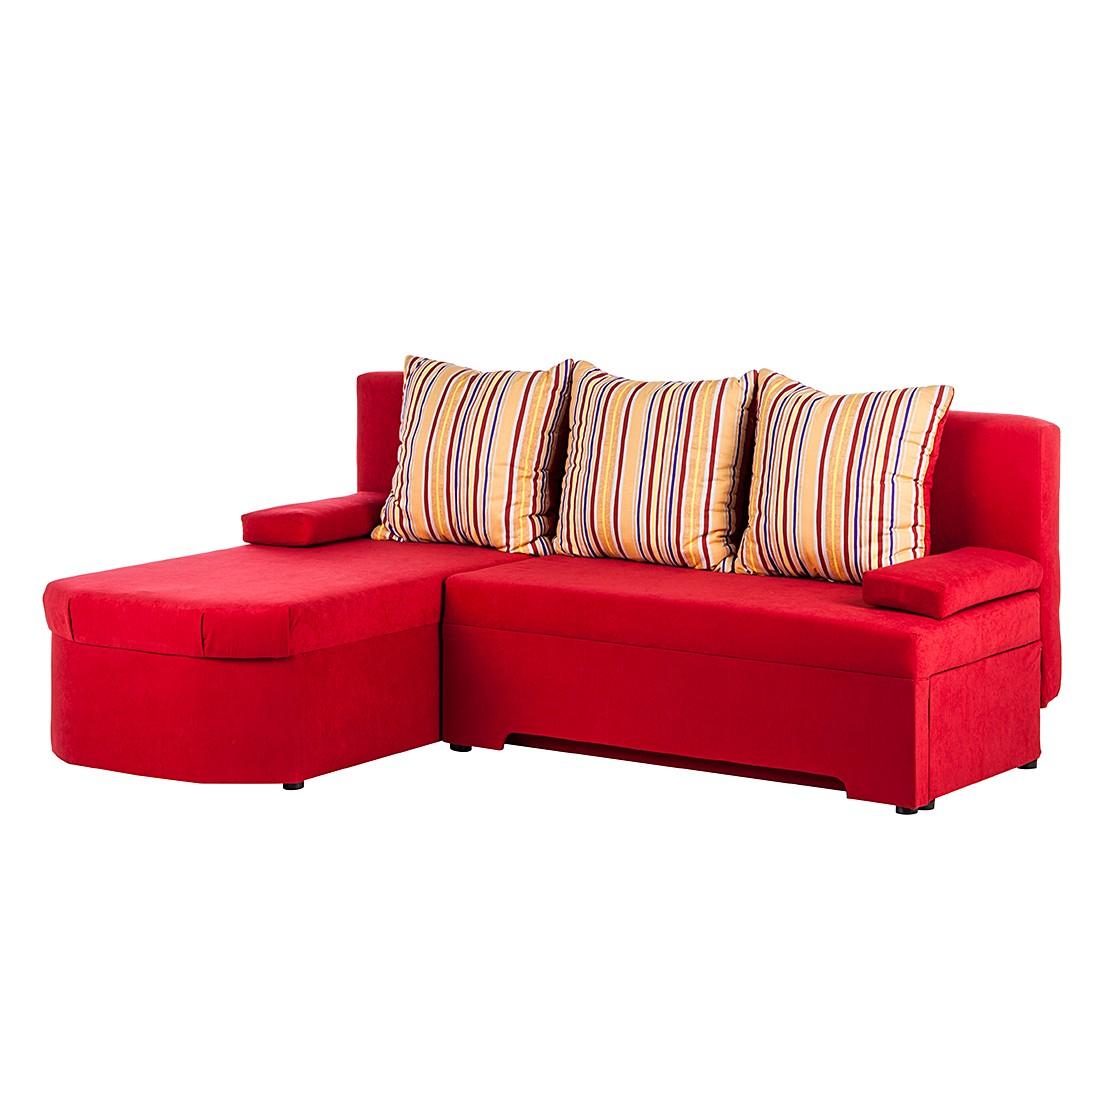 schlafsofa homely microfaser gr n sofa homely microfaser gr n mooved g nstig kaufen. Black Bedroom Furniture Sets. Home Design Ideas